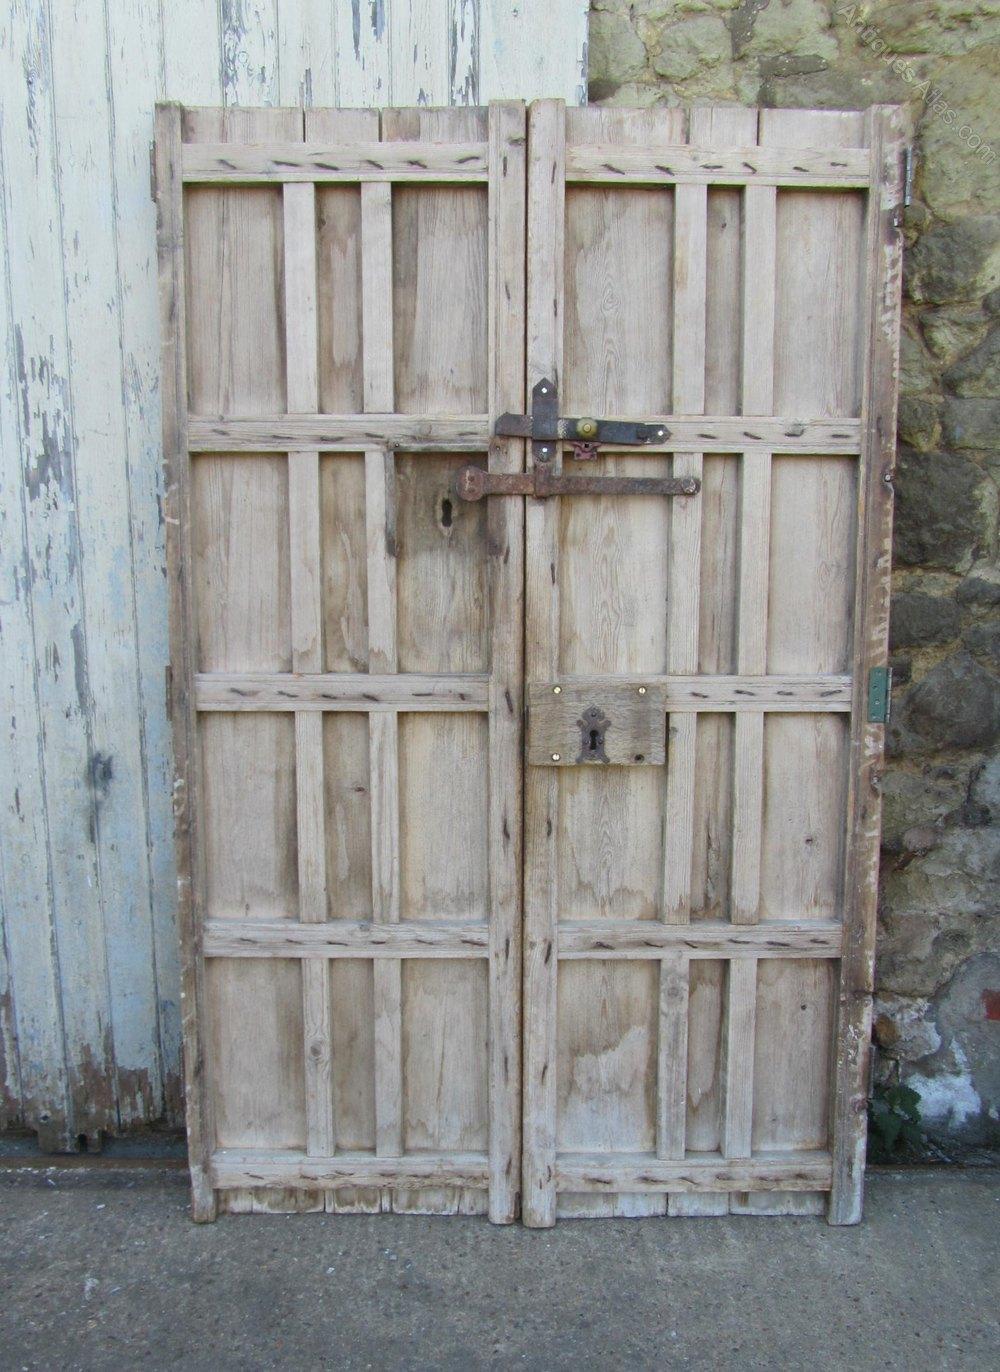 Pair Original 19th C Spanish Double Doors Antique Doors and Doorways ... - Antiques Atlas - Pair Original 19th C Spanish Double Doors